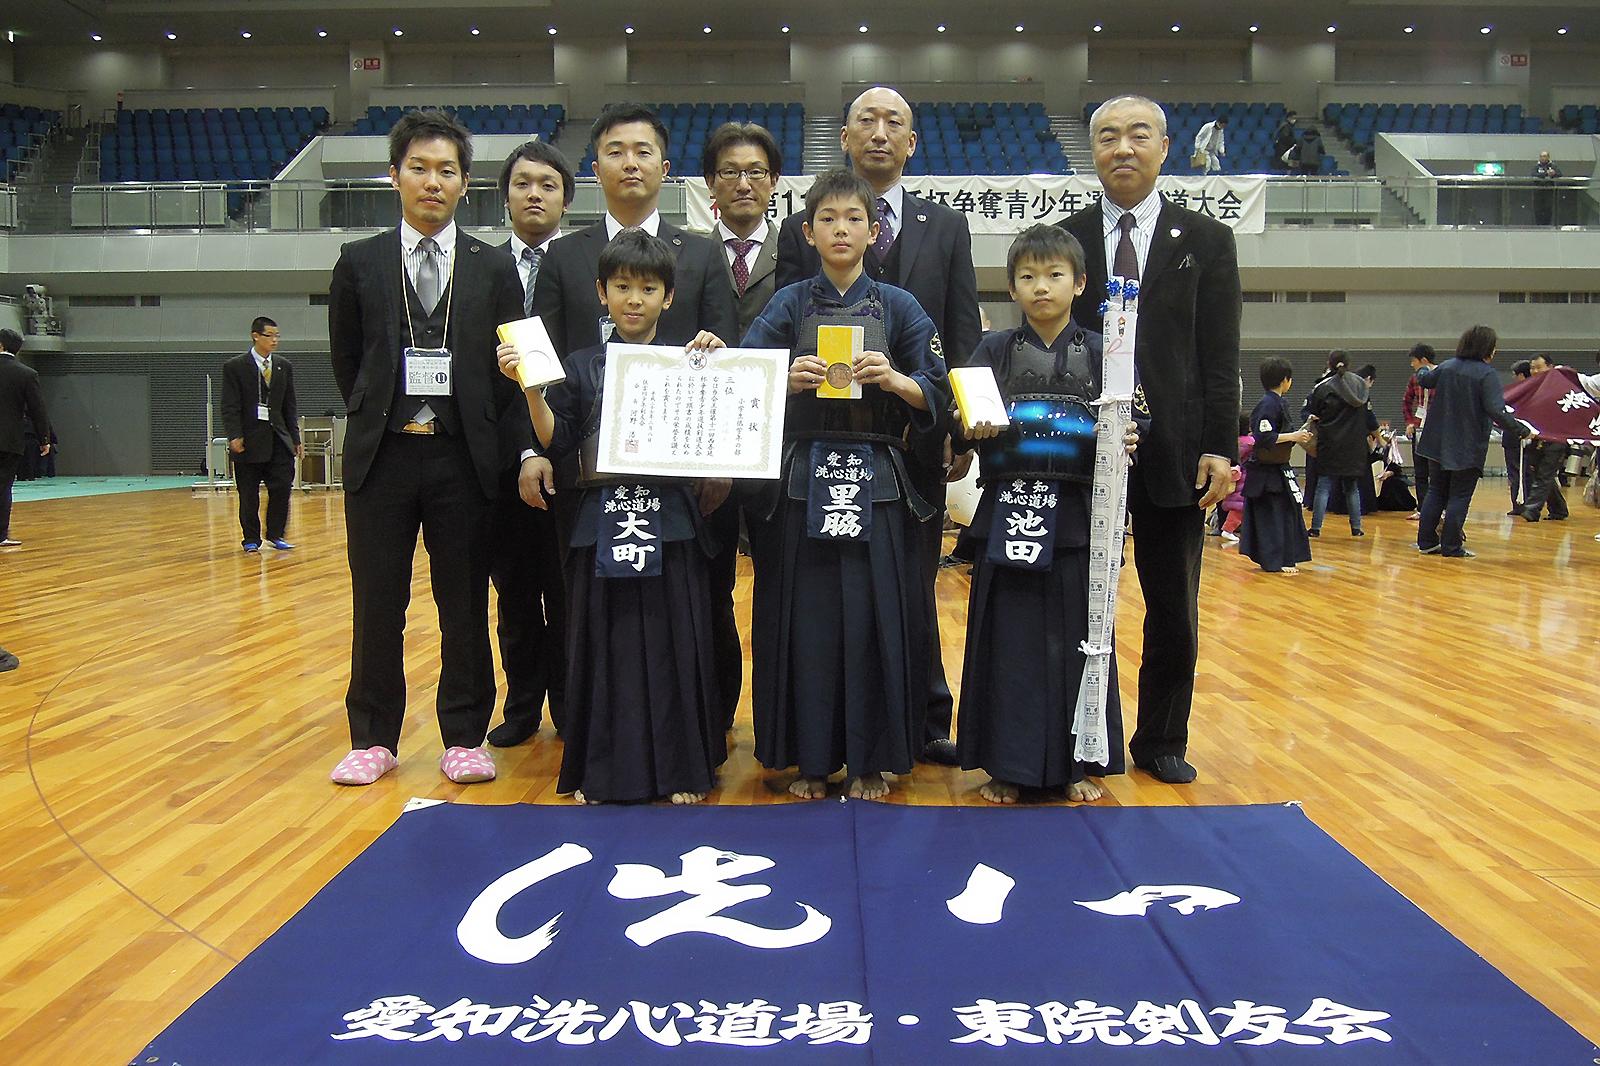 第11回西善延杯争奪青少年選抜剣道大会